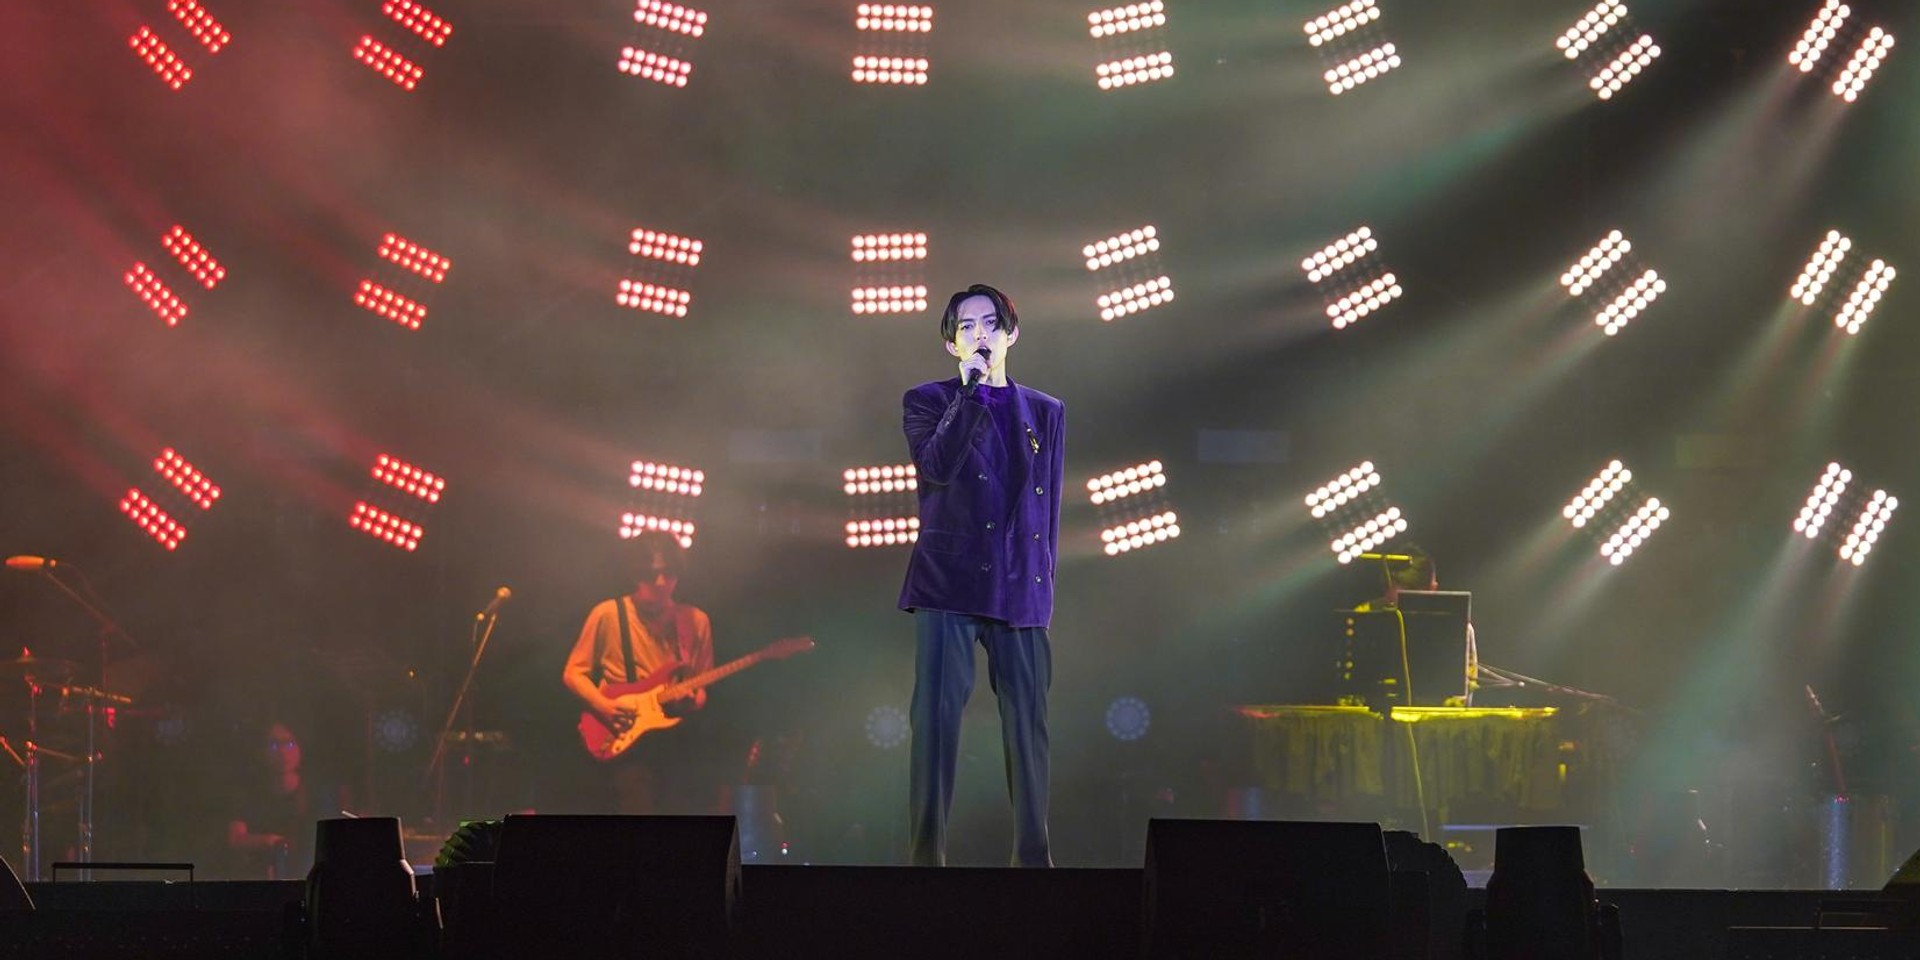 林宥嘉《idol世界巡回演唱会》 呈现出道10年最好的自己